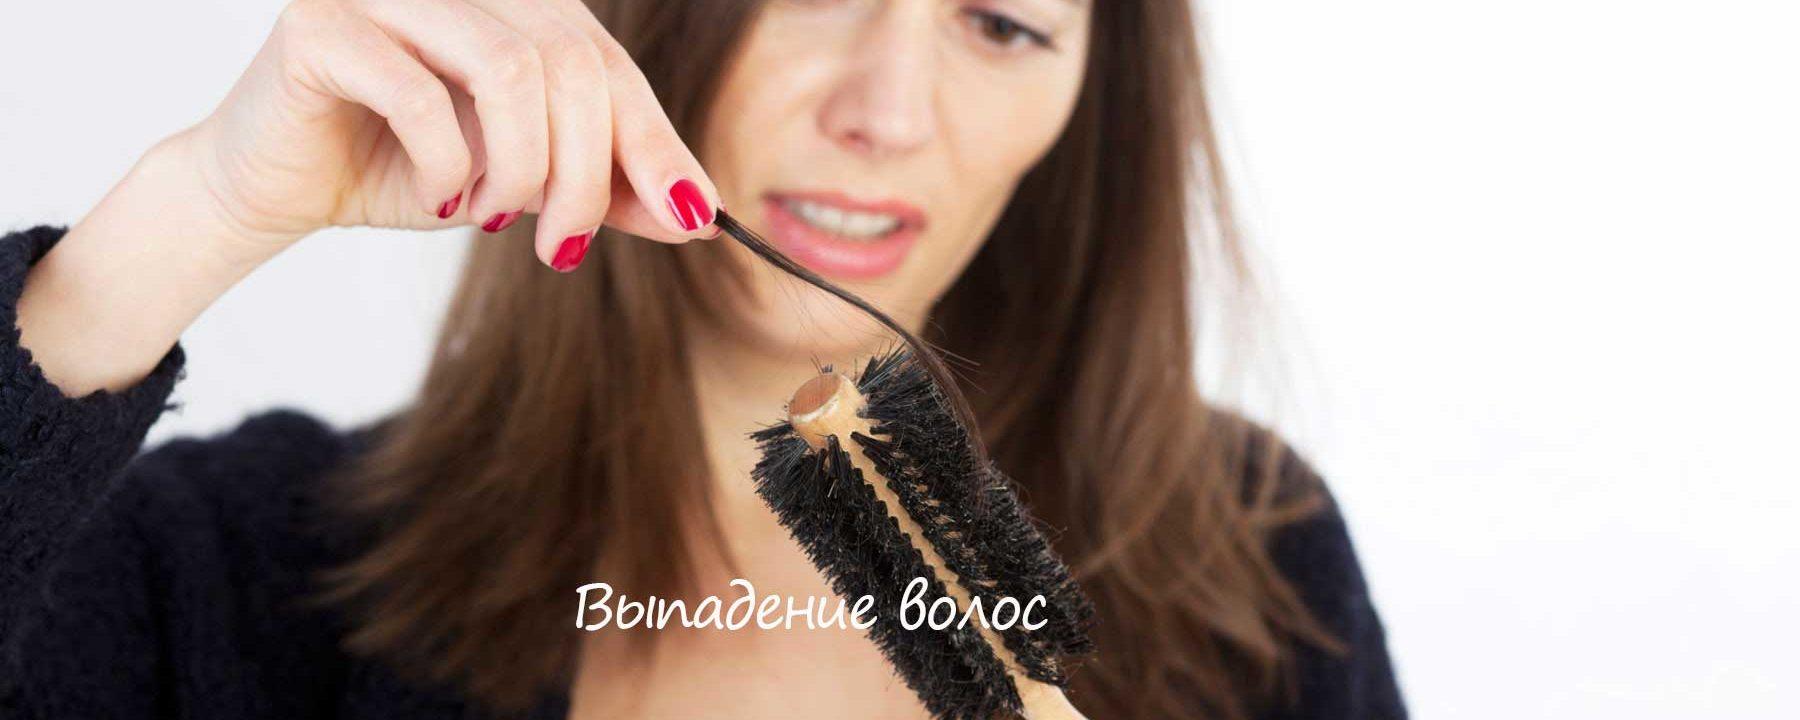 Простые методы борьбы с выпадением волос